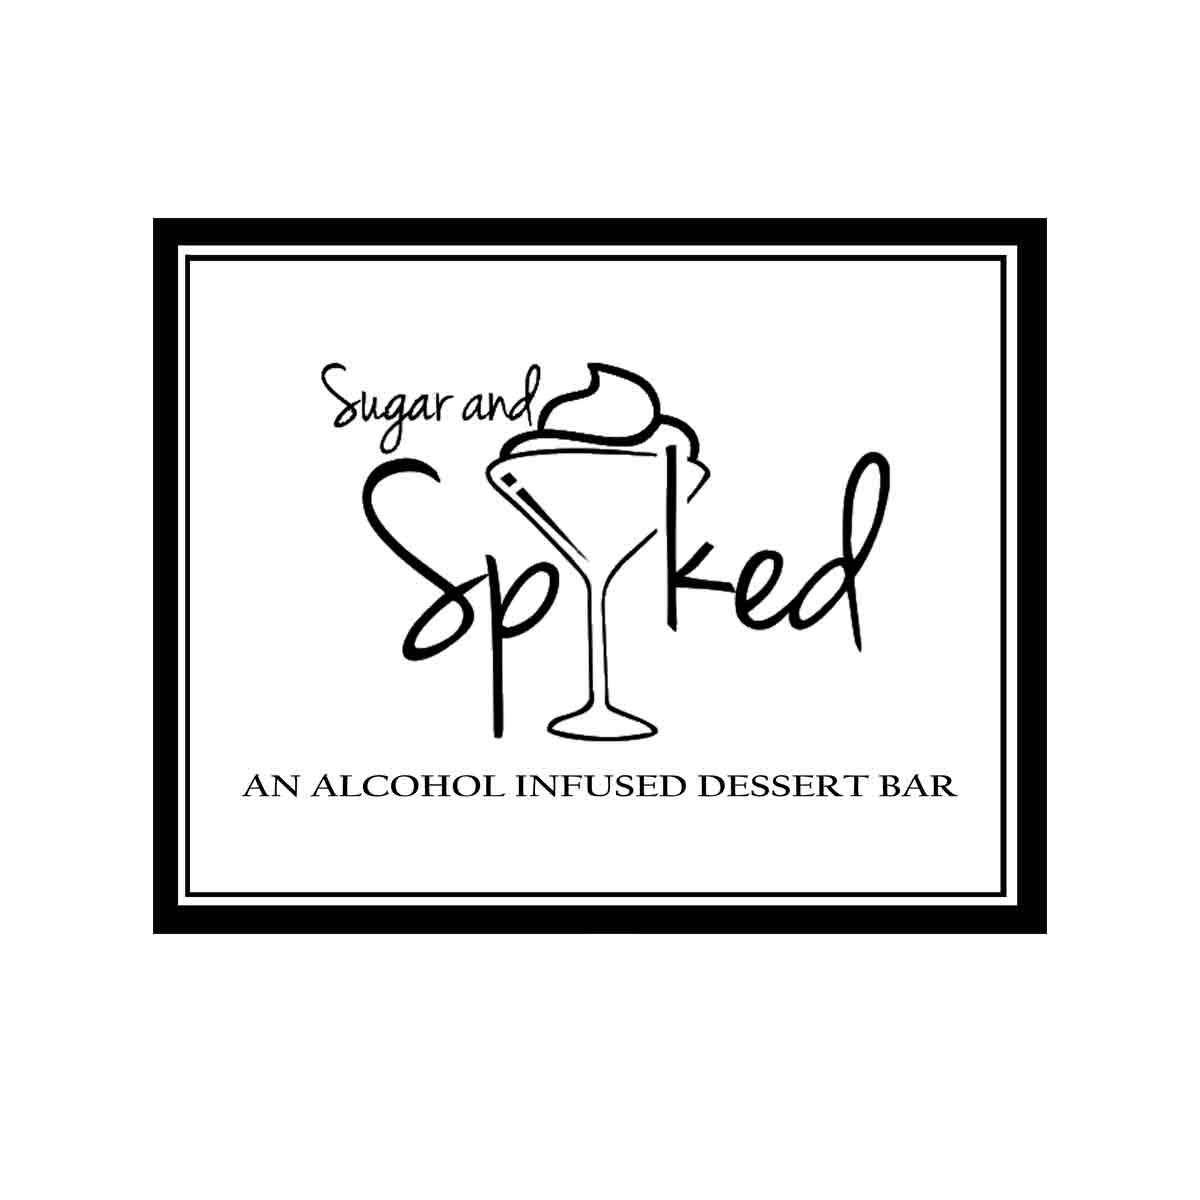 Sugar and Spyked